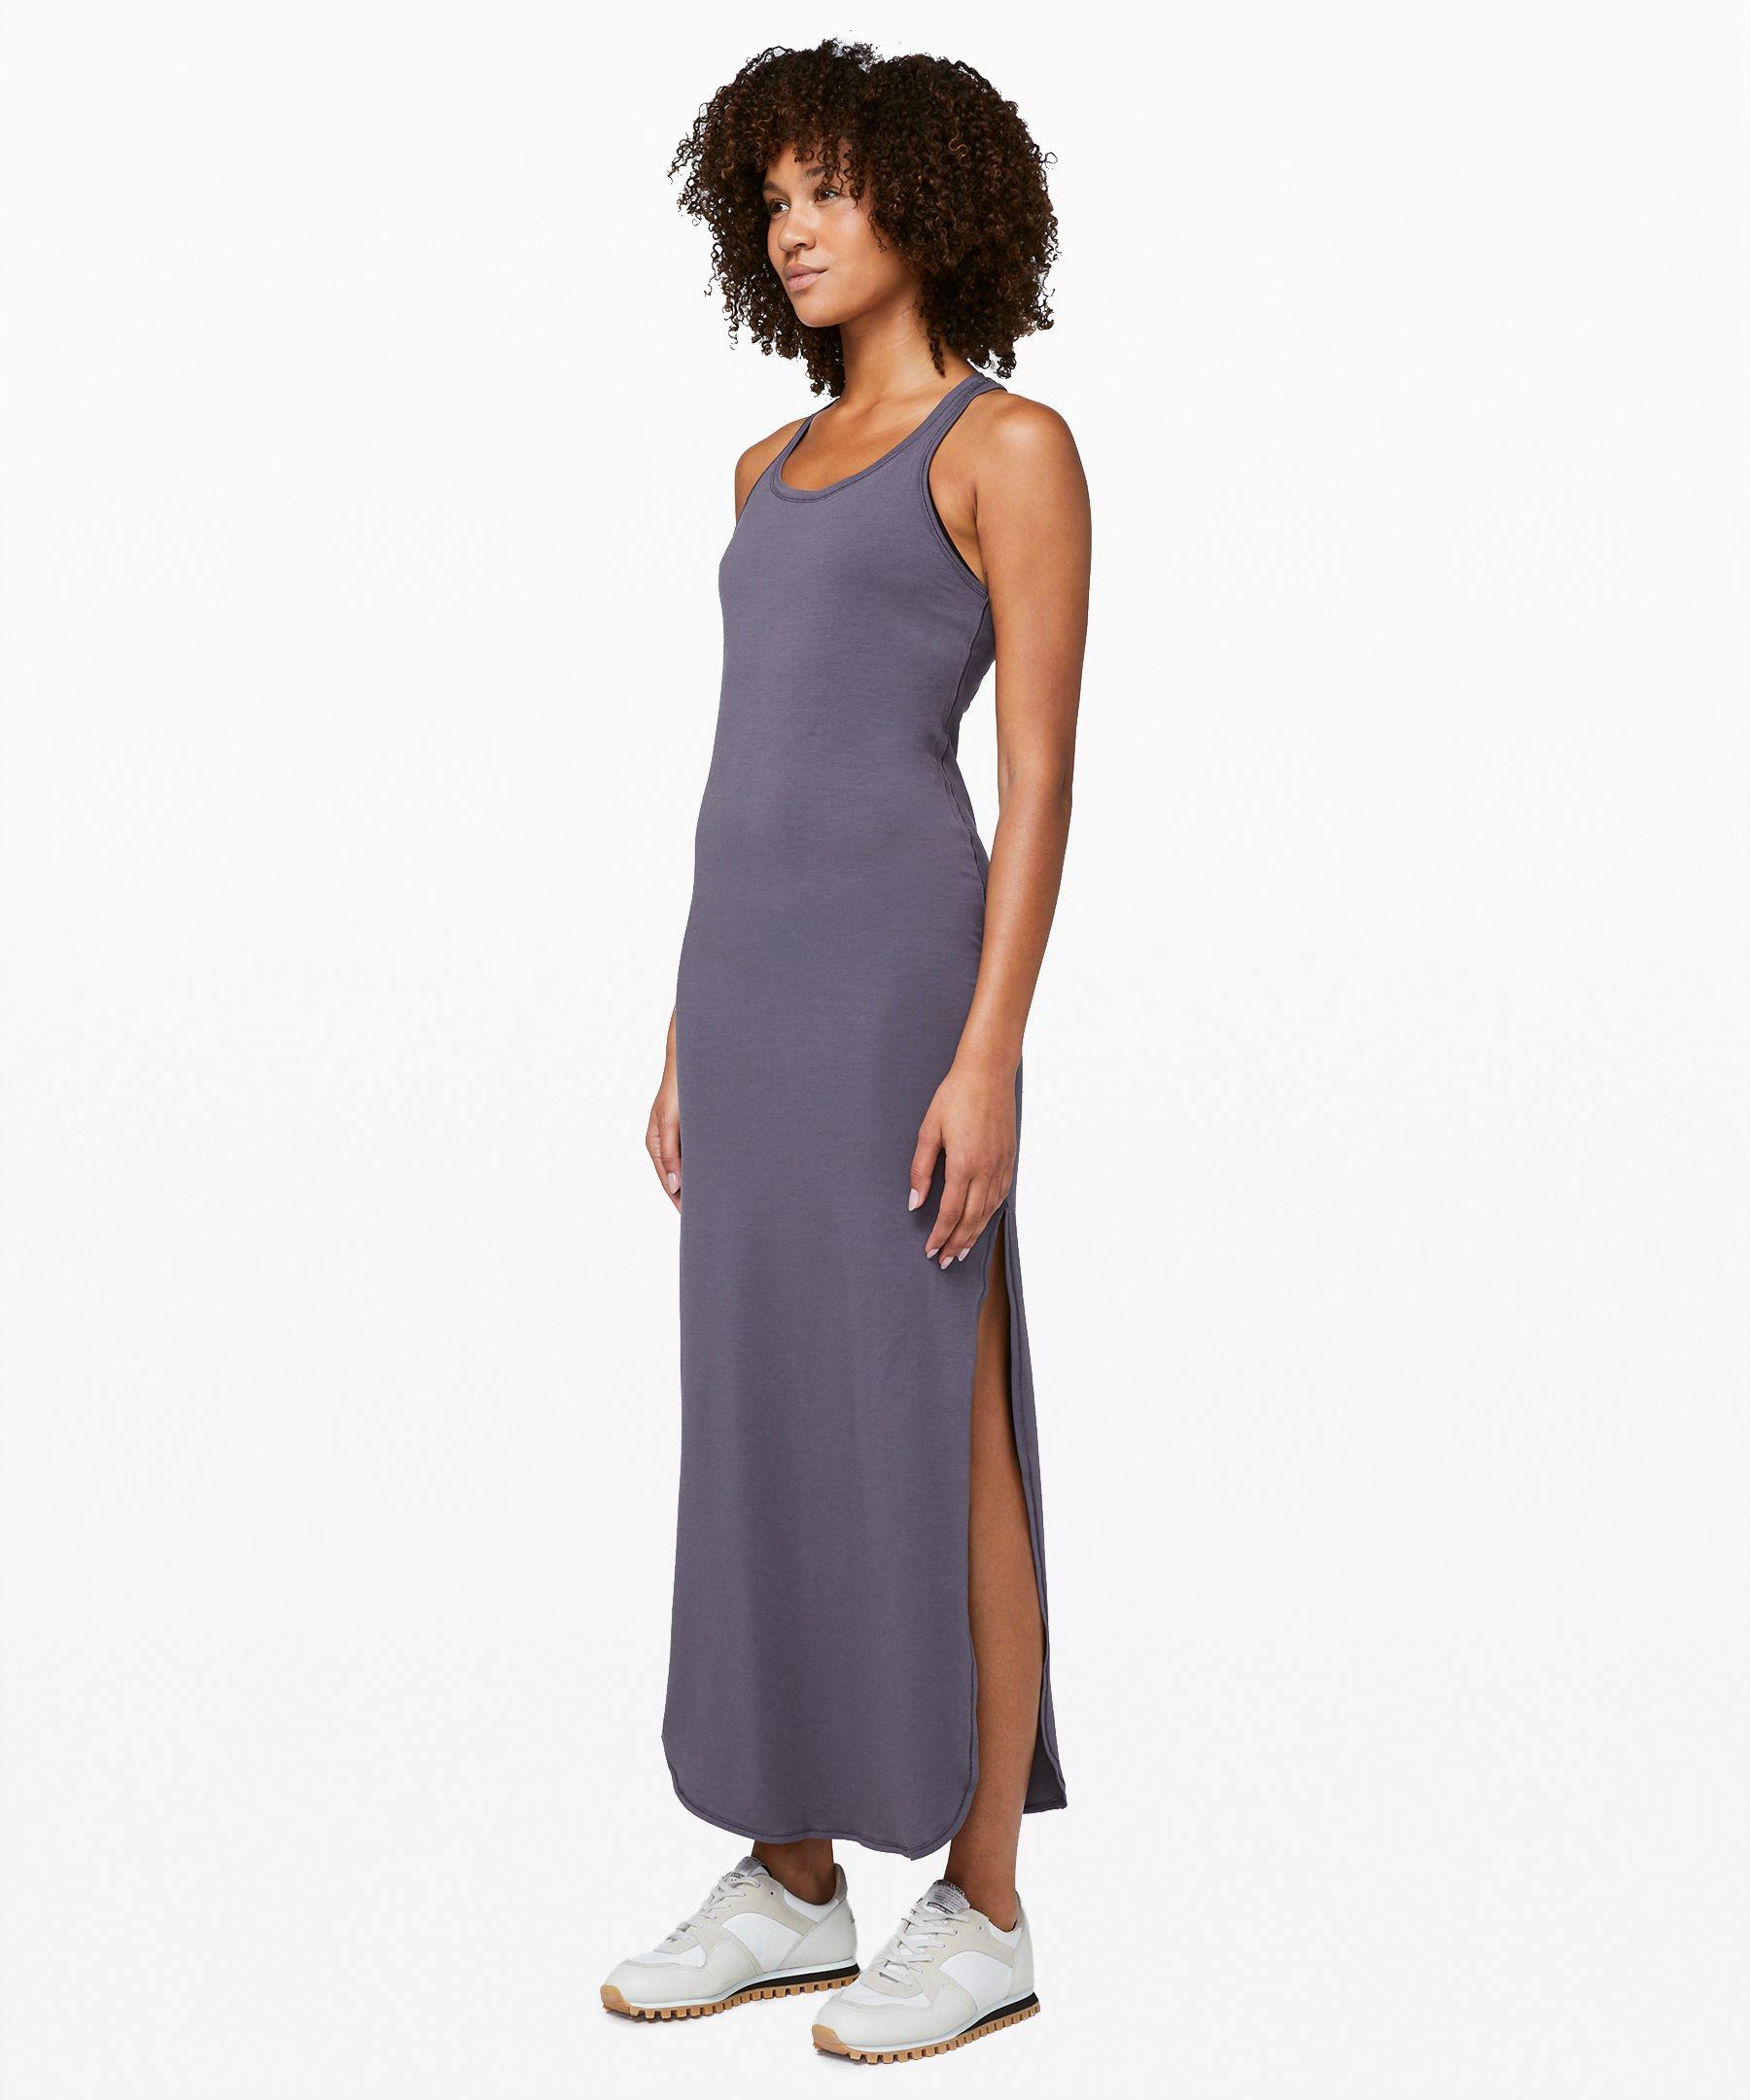 Lululemon Restore And Revitalized Dress In Moonwalk